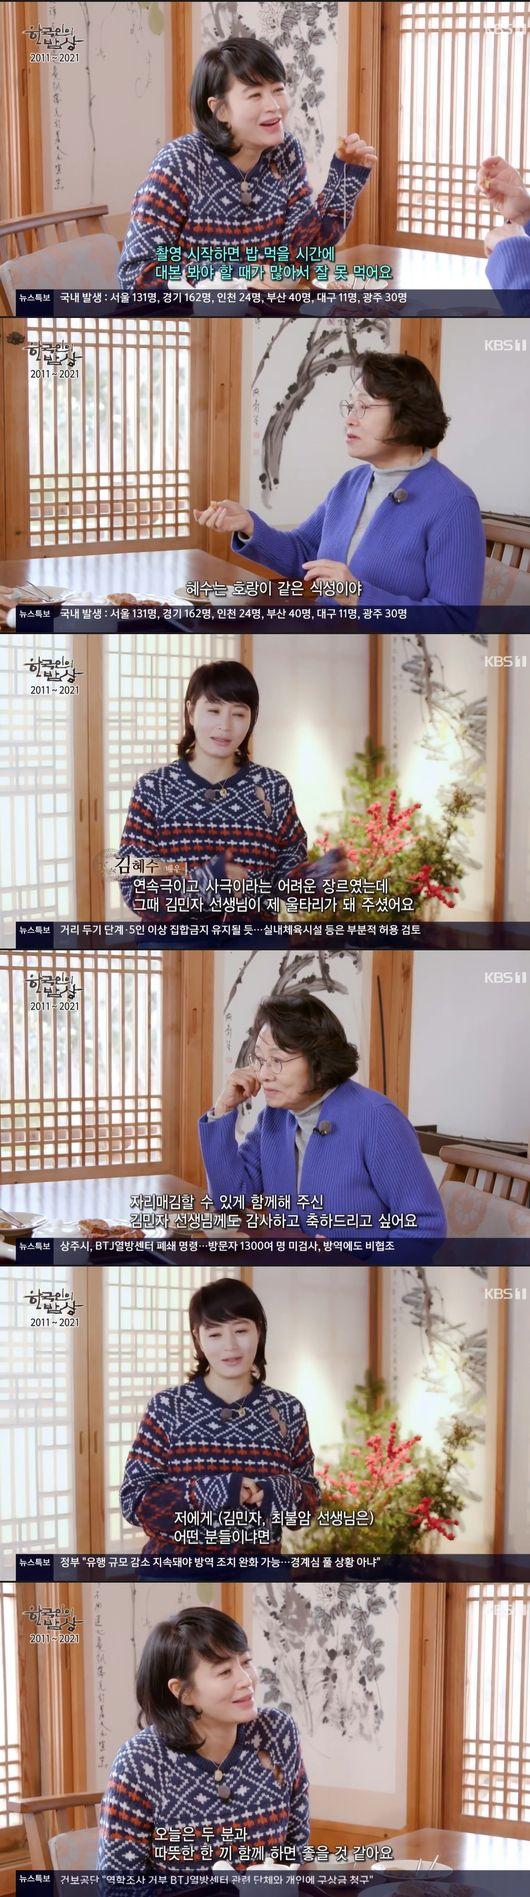 한국인의밥상 김혜수 최불암·김민자=나의 울타리 같으신 분 10주년 위한 특찬 준비 [종합]